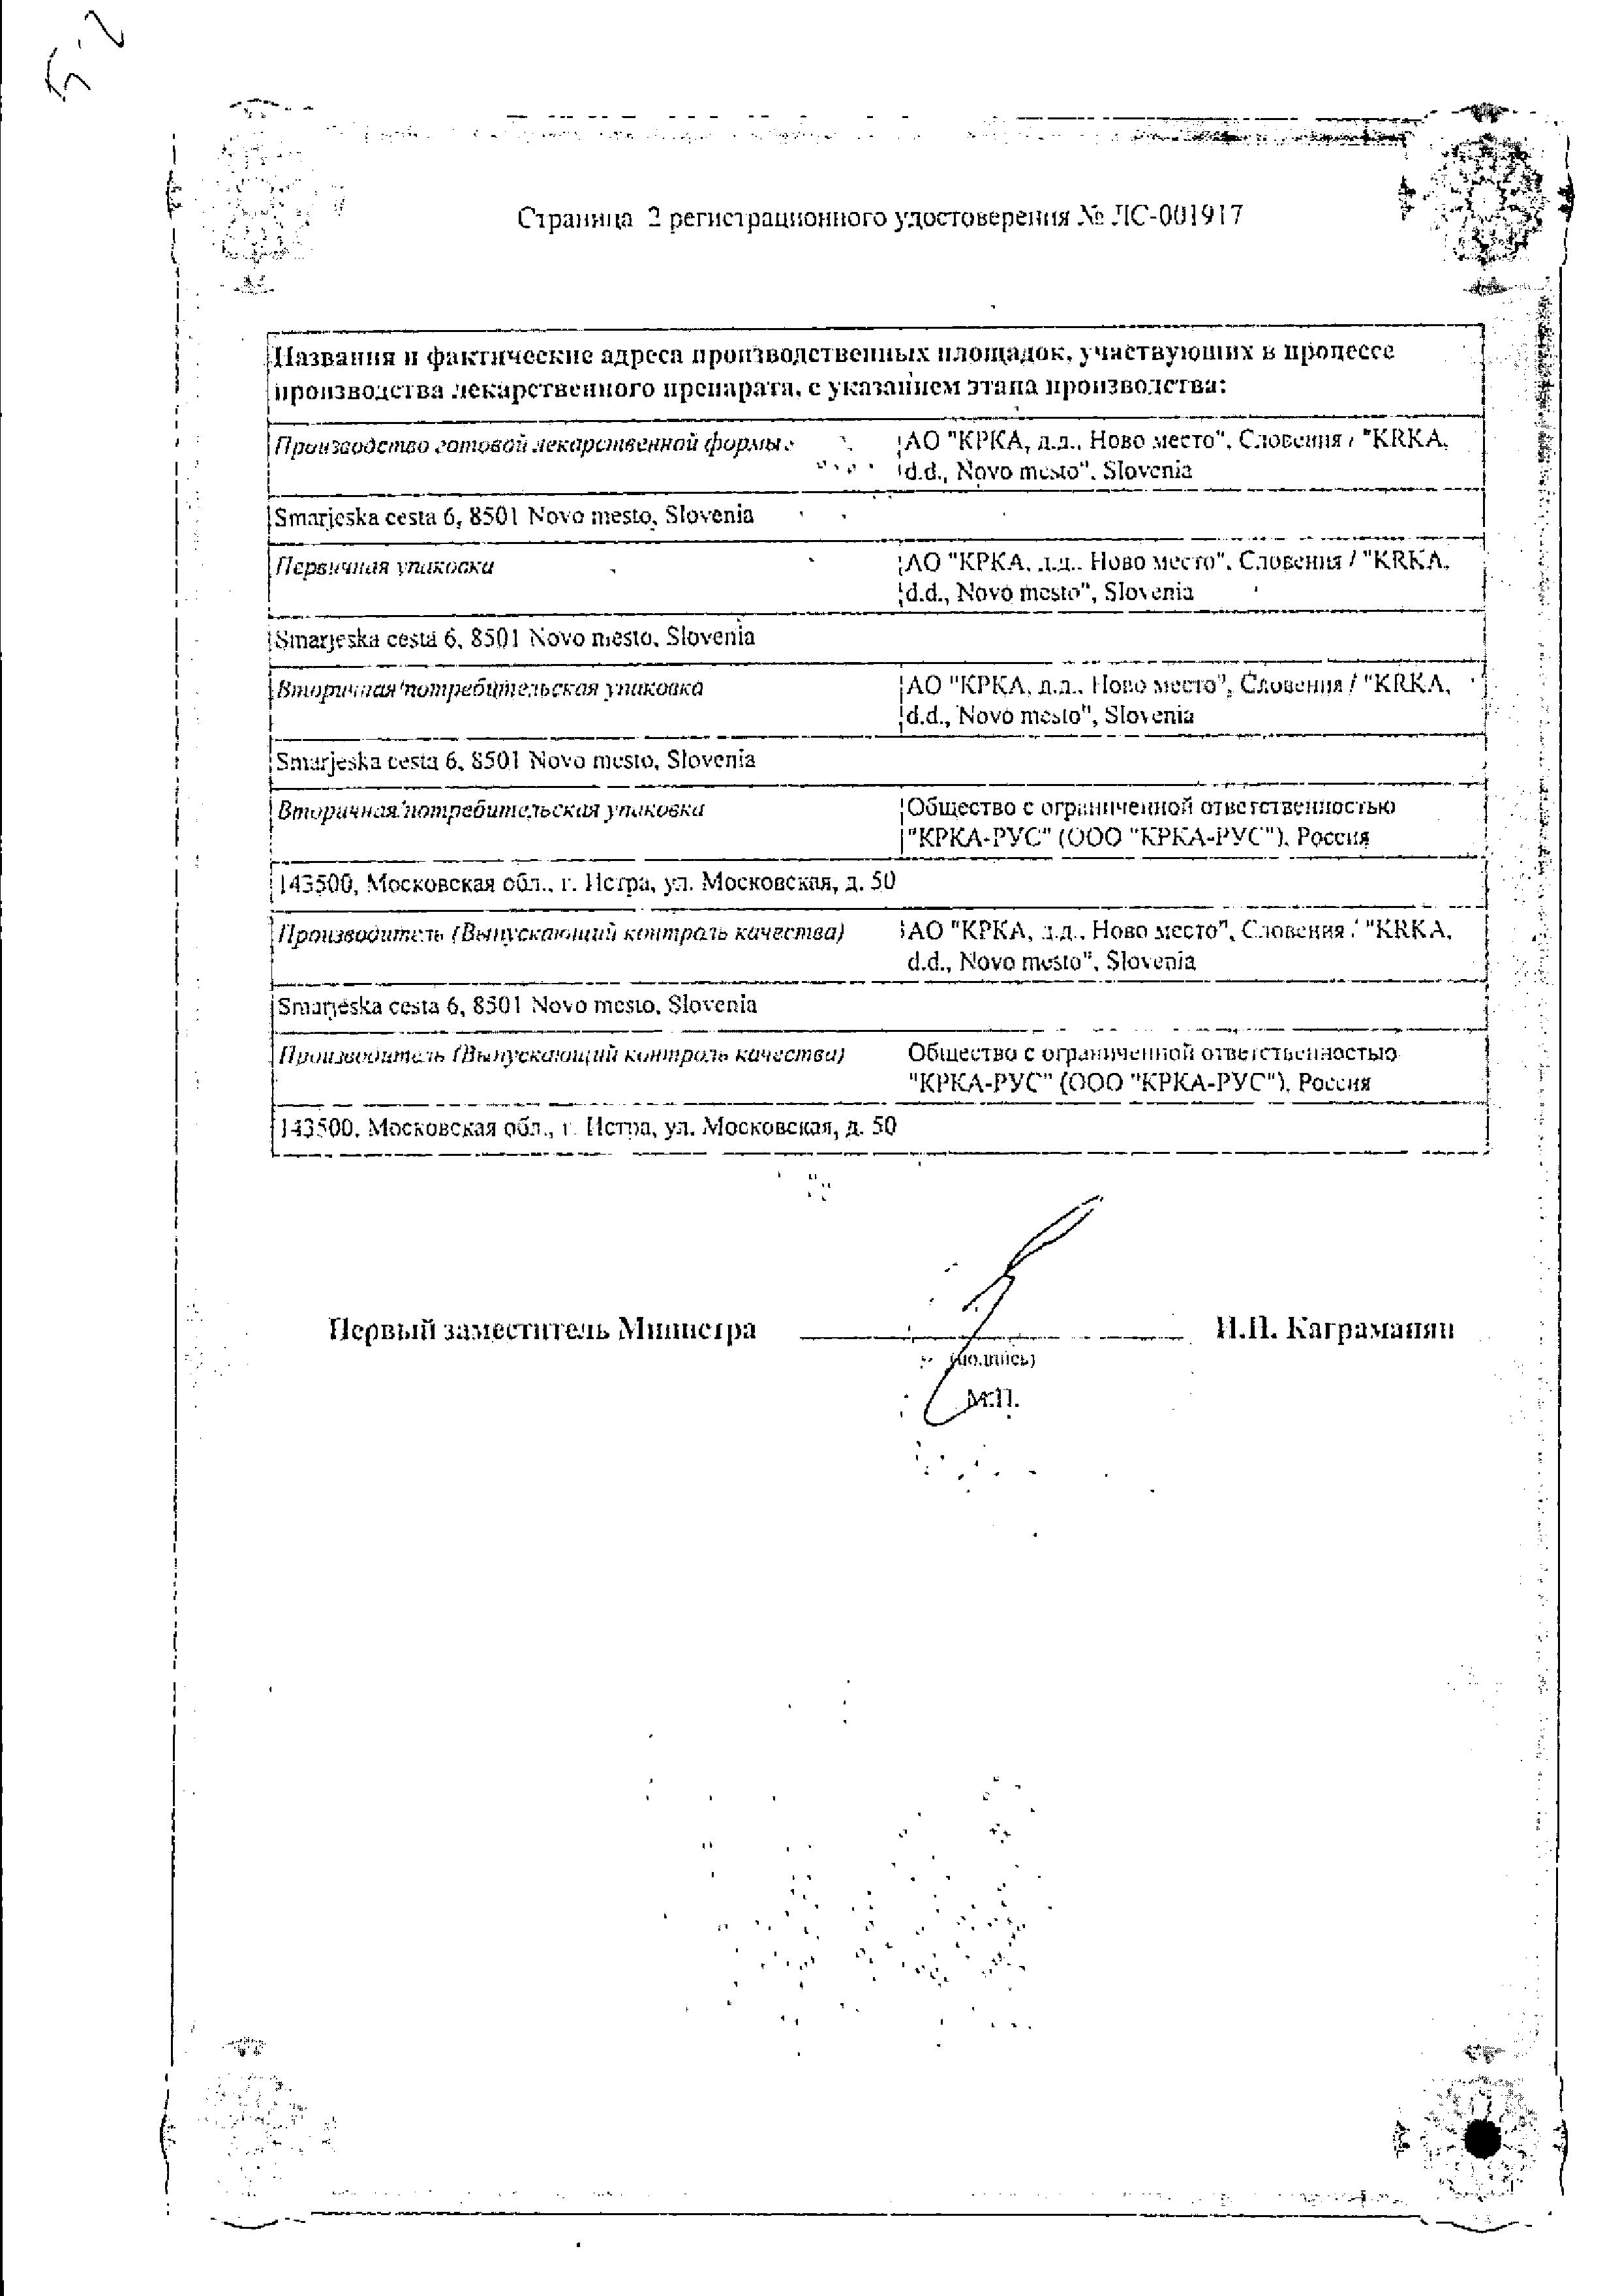 Камирен ХЛ сертификат